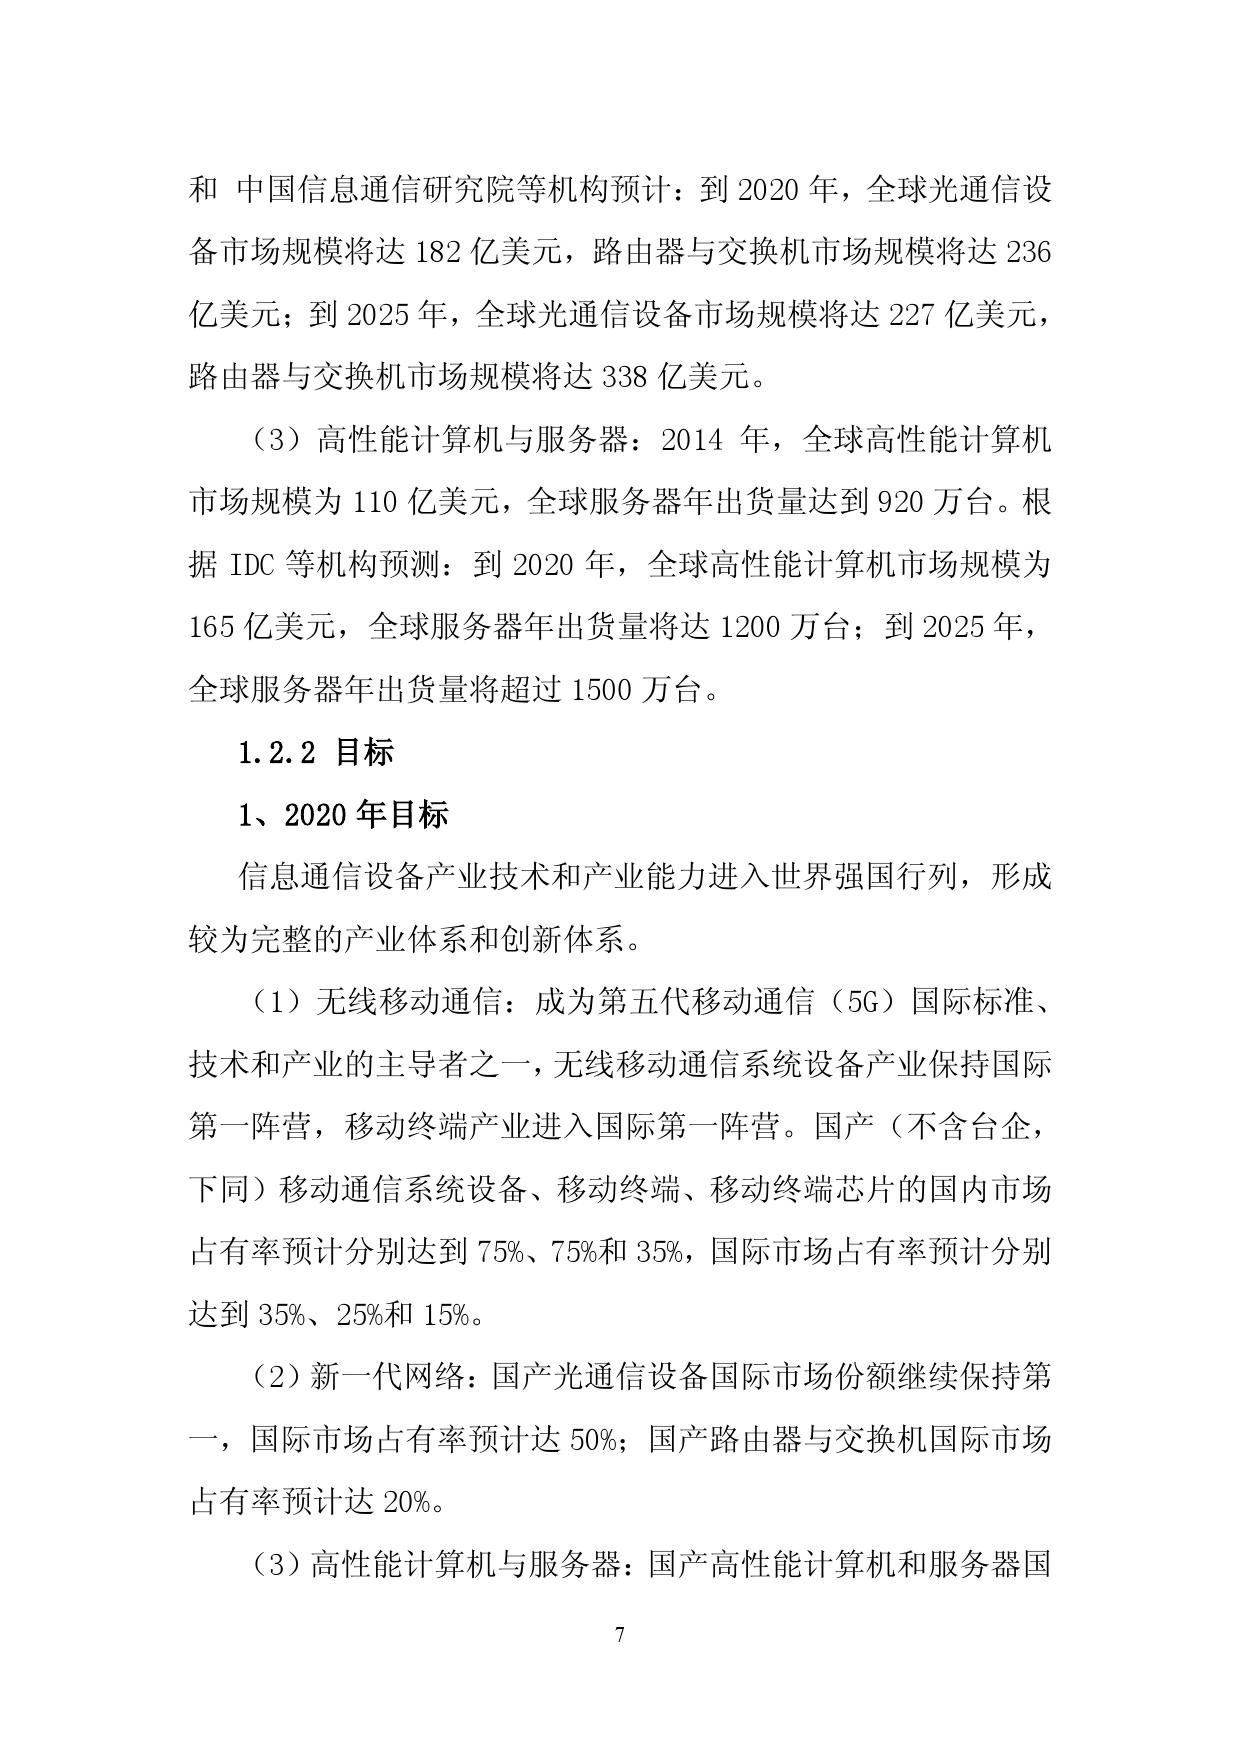 《中国制造 2025》重点领域技术路线图_000013